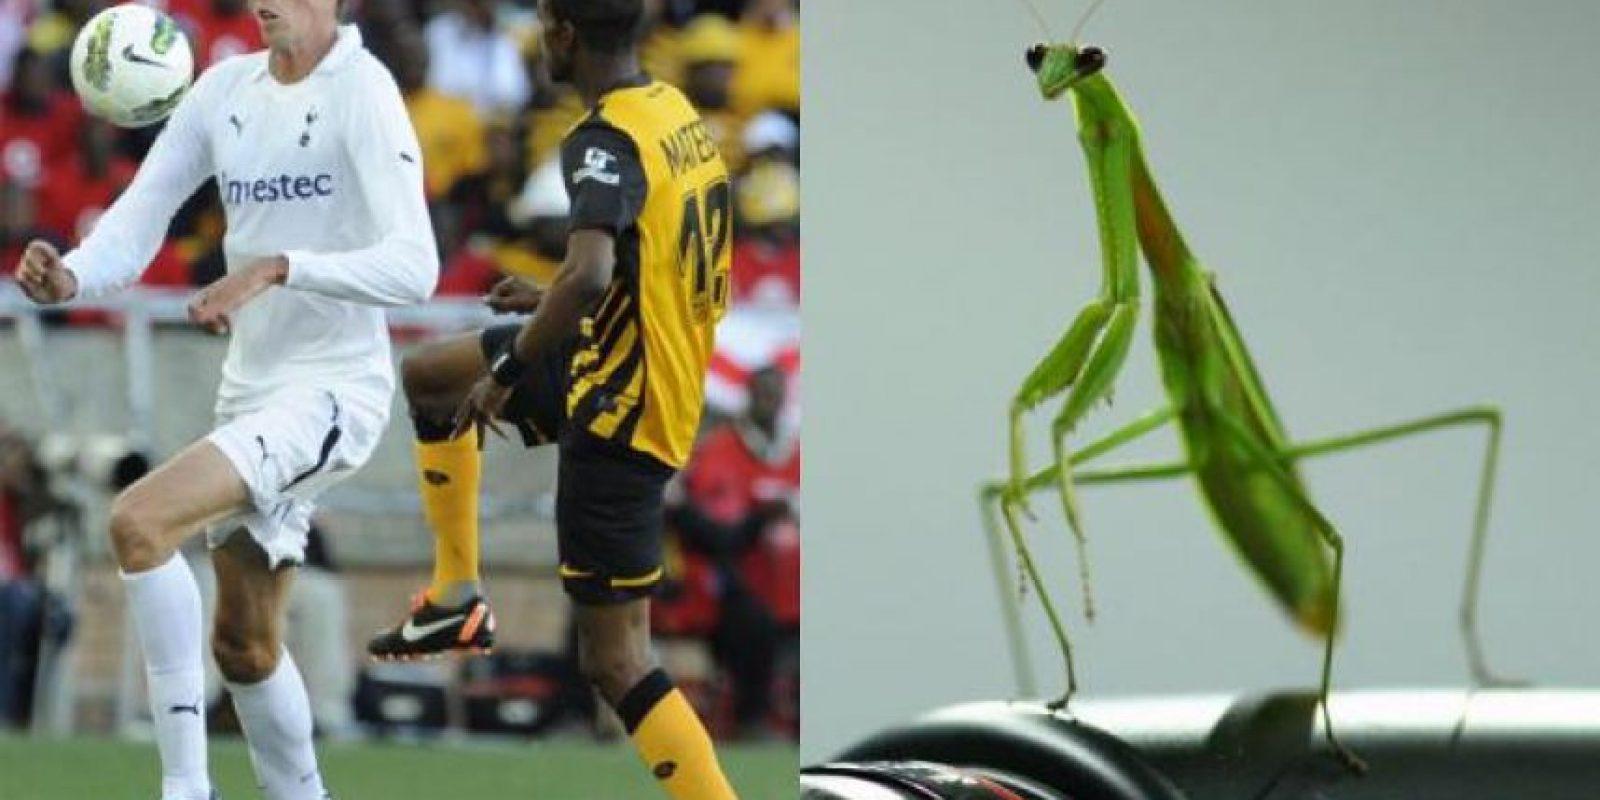 Con esa pose, no cabe duda que el delantero inglés Petr Crouch tiene a su doble en esta mantis religiosa. Foto:http://footyjokes.net